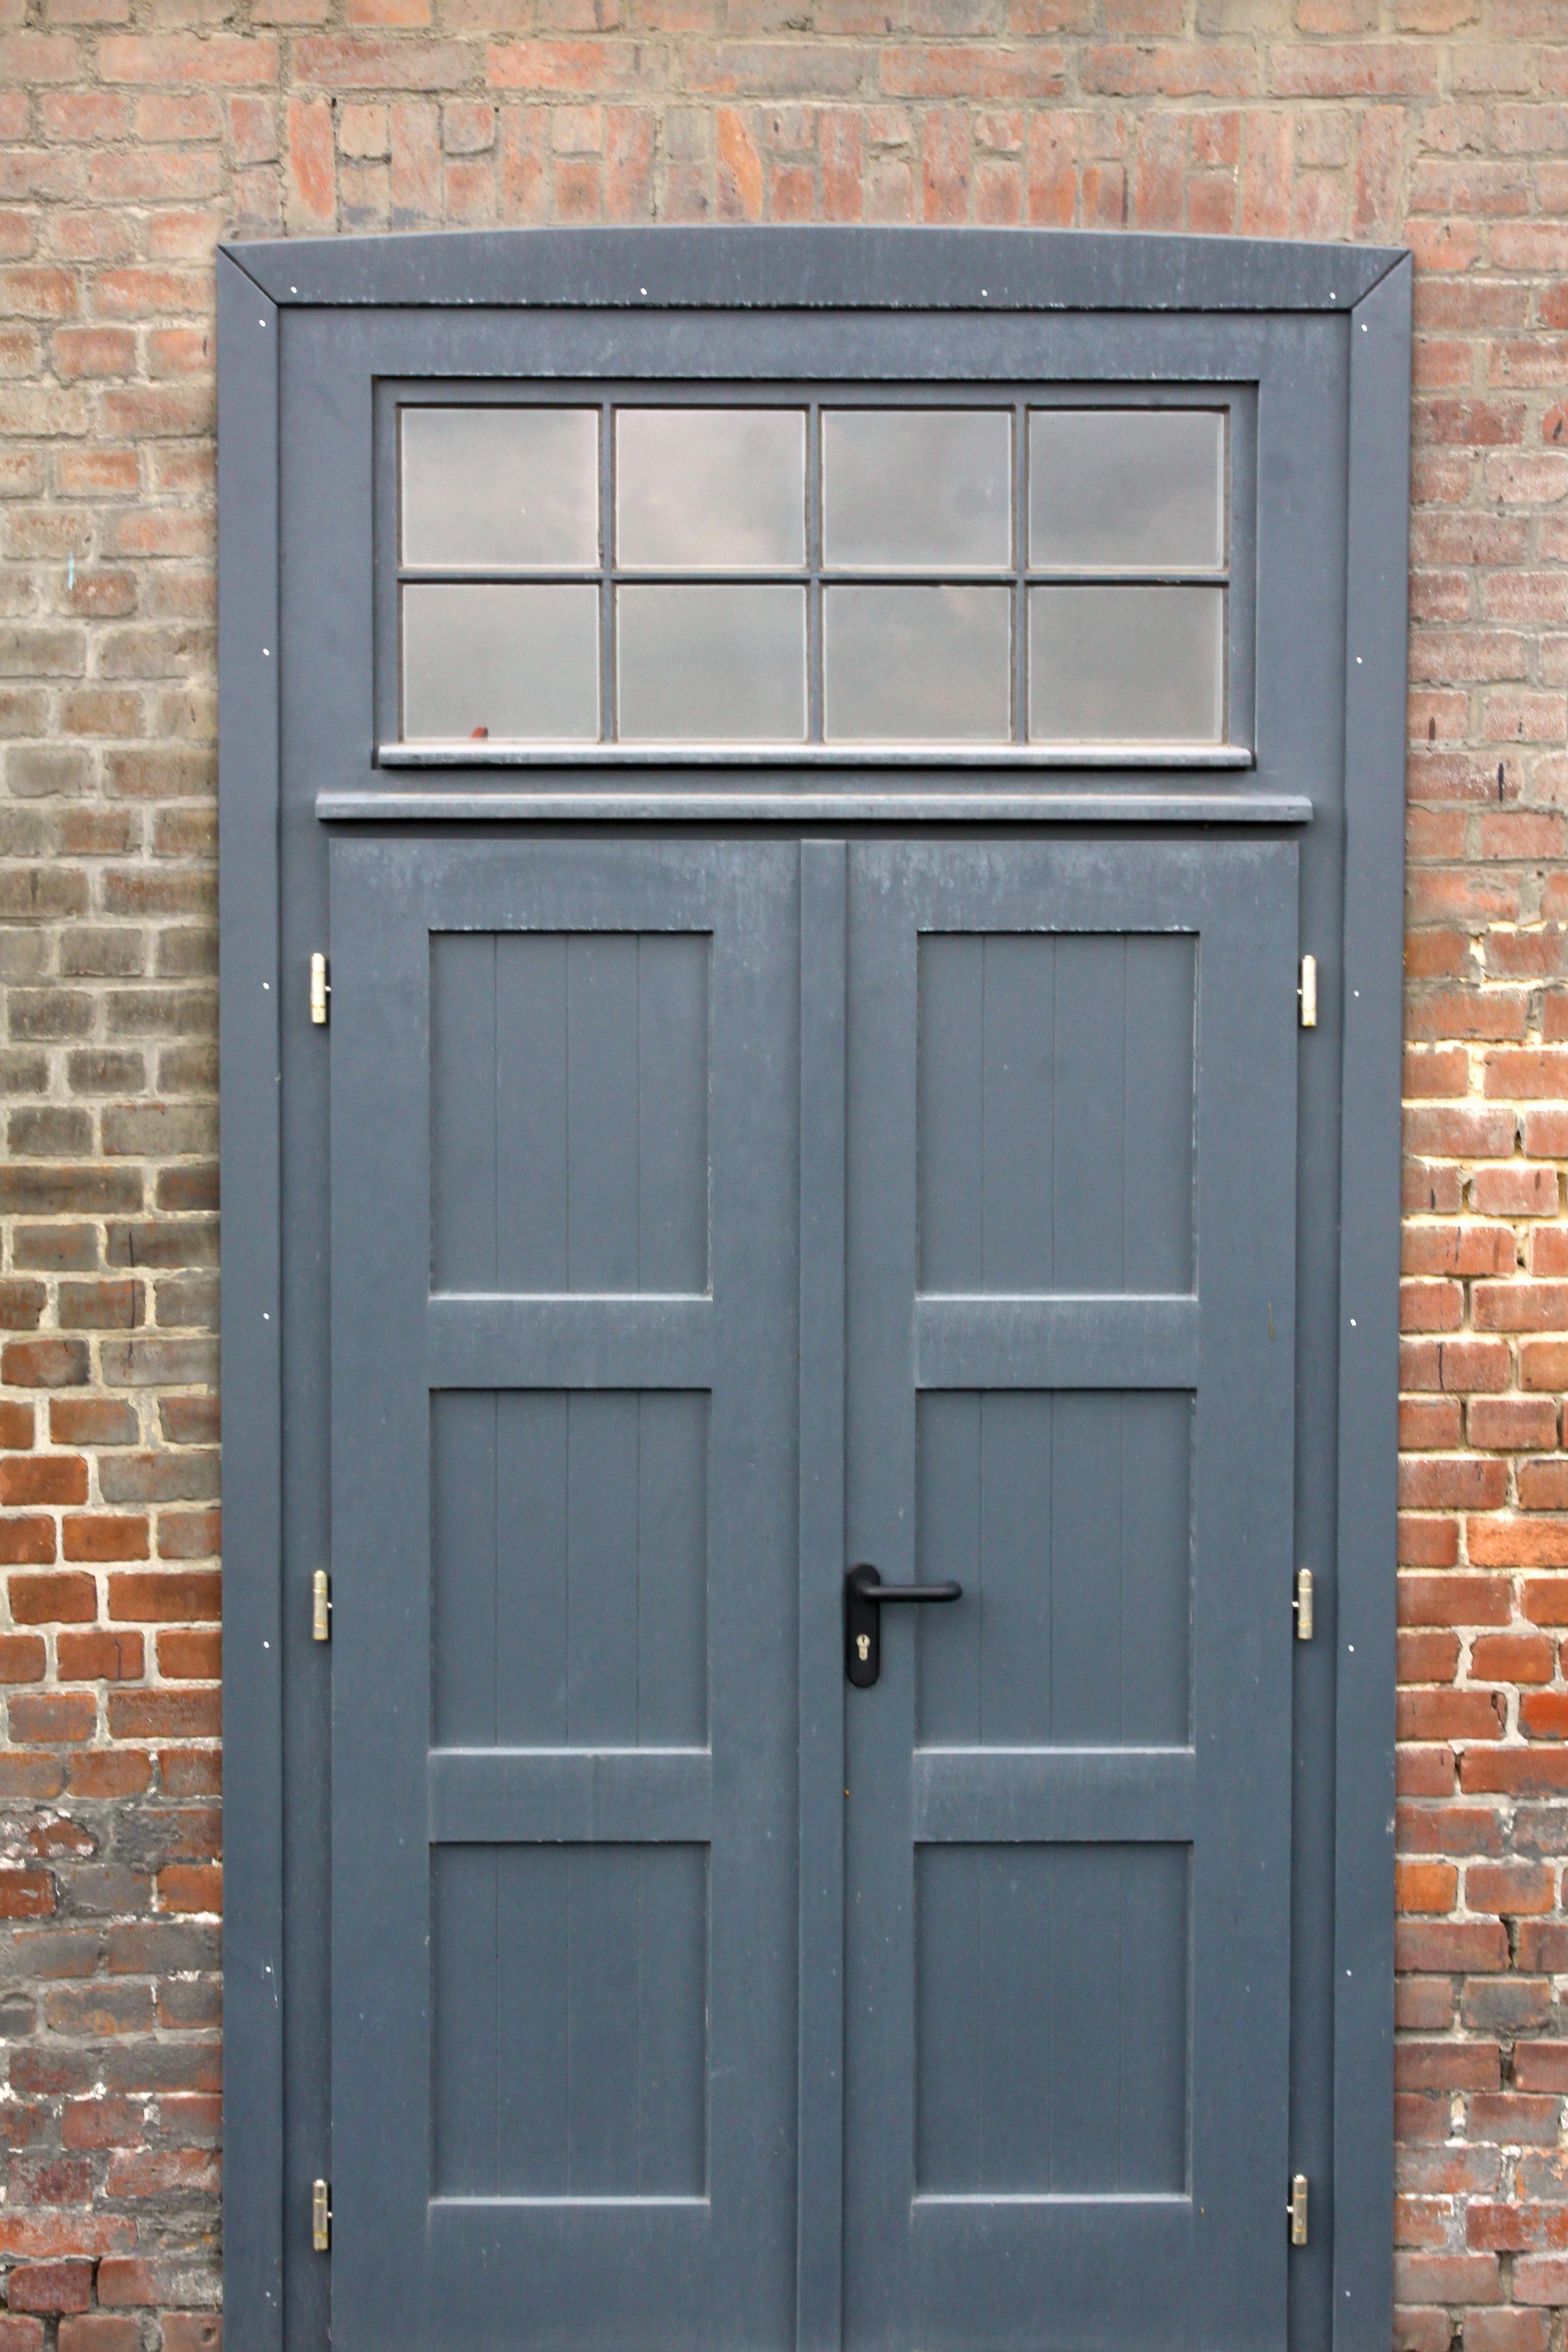 무료 이미지 목재 창문 벽 흘리다 정면 장식적인 주차장 문 창틀 창 3062x4592